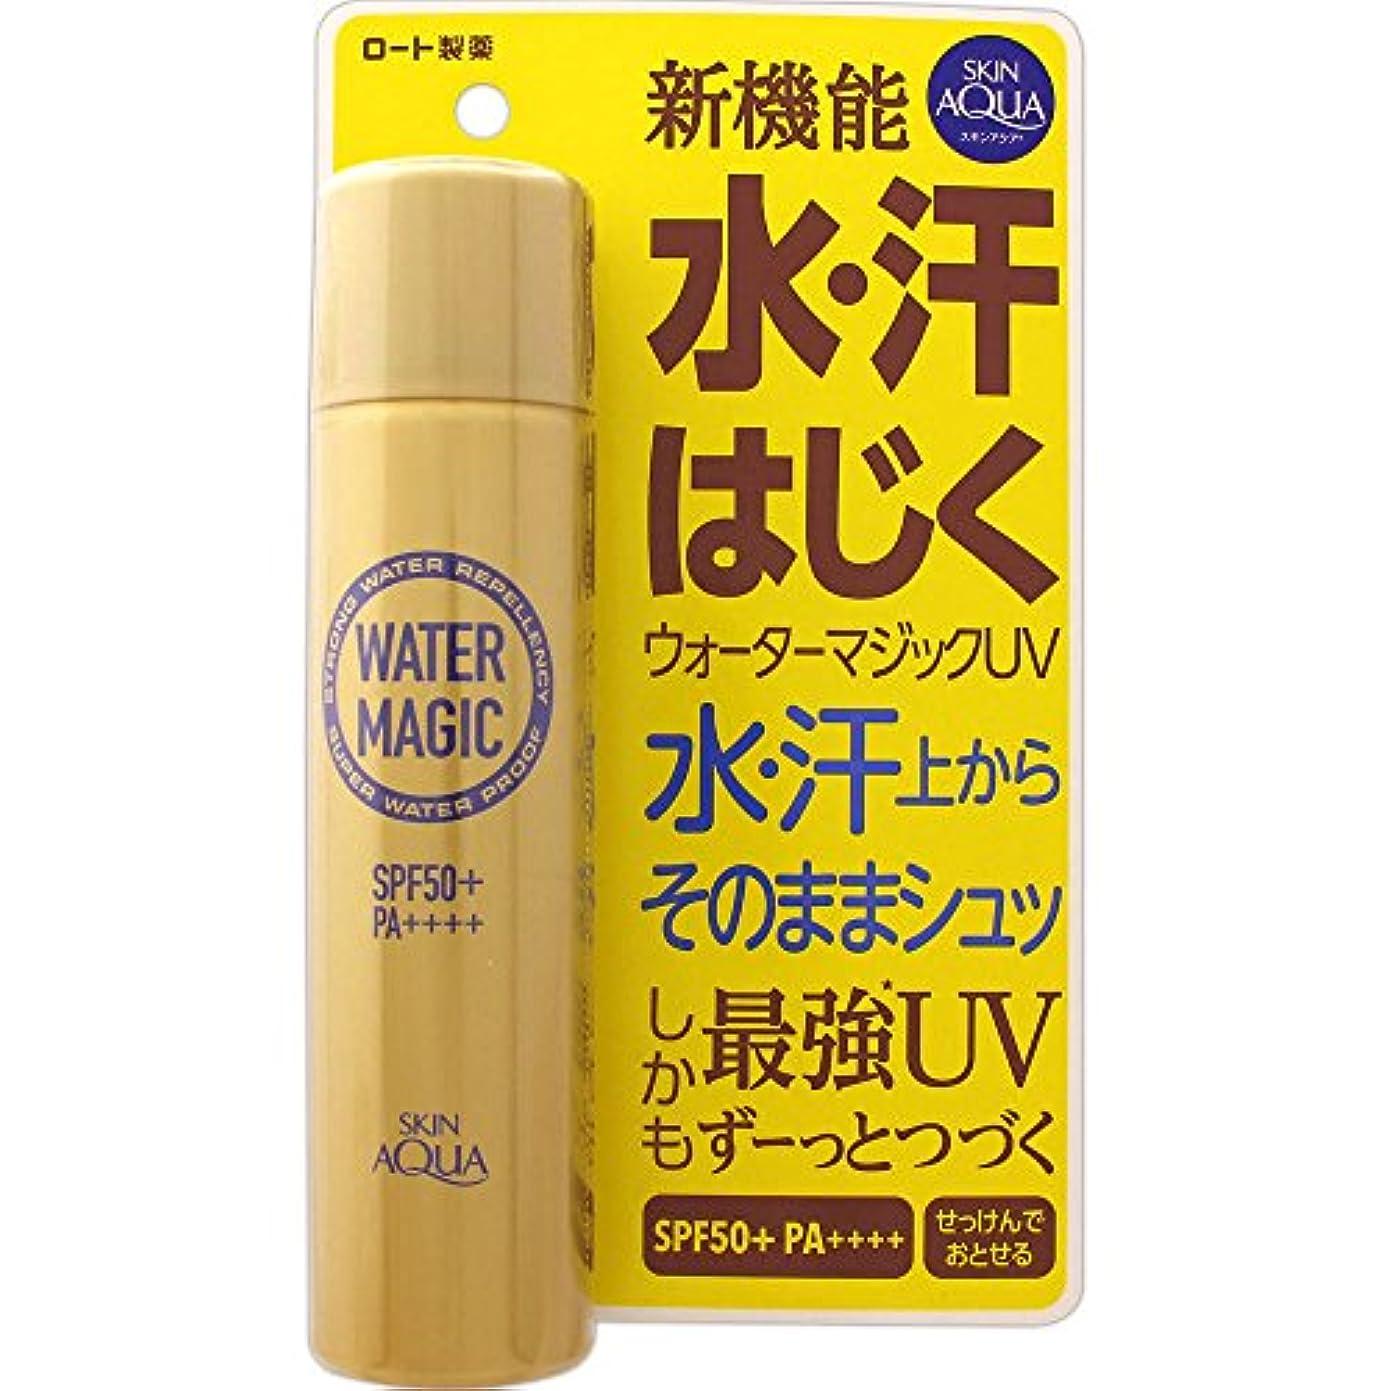 また乳製品泣くスキンアクア (SKIN AQUA) 日焼け止め ウォーターマジック 透明UVオイルスプレー 水?汗はじく透明な撥水型 (SPF50+ PA++++) 70g ※スーパーウォータープルーフ